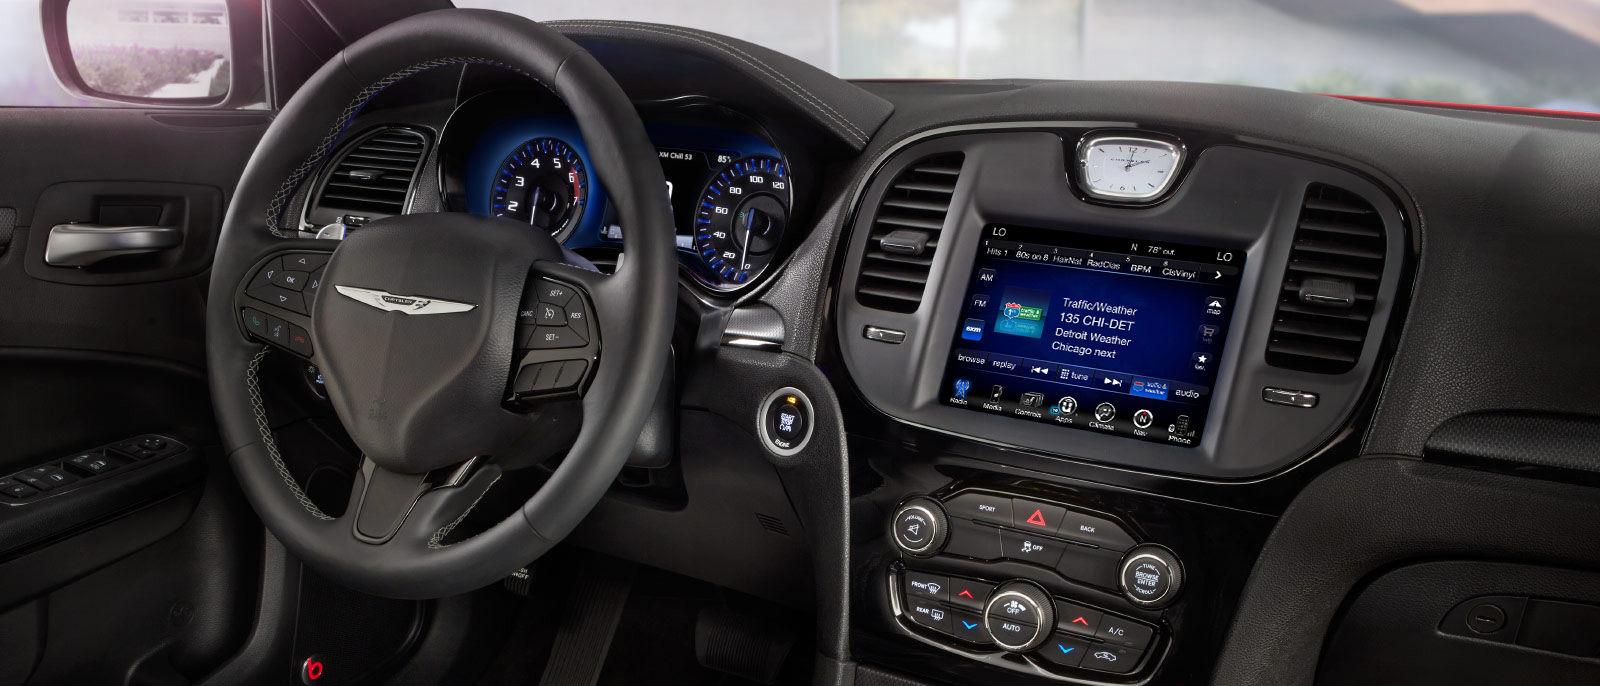 2016 Chrysler 300 Front Interior1